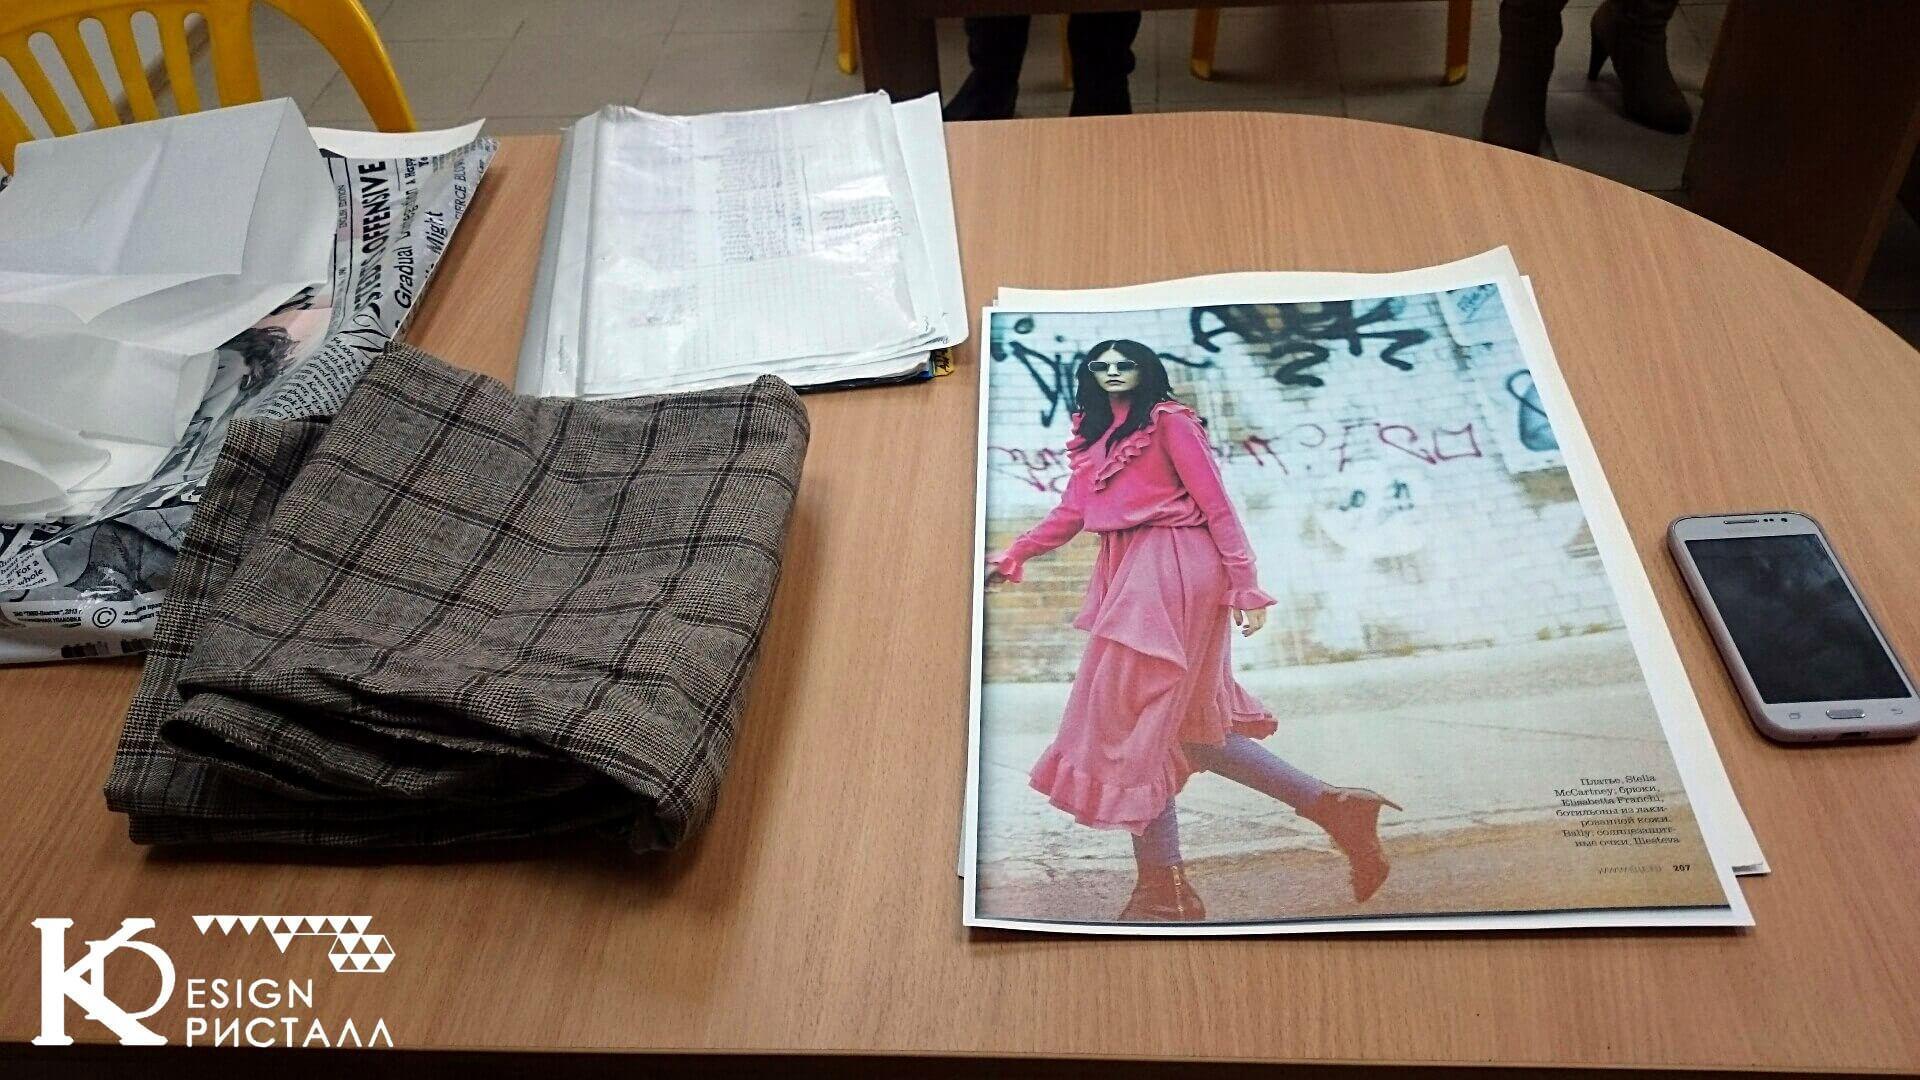 Дизайн одежды. Выбираем идею fashion - иллюстрации.